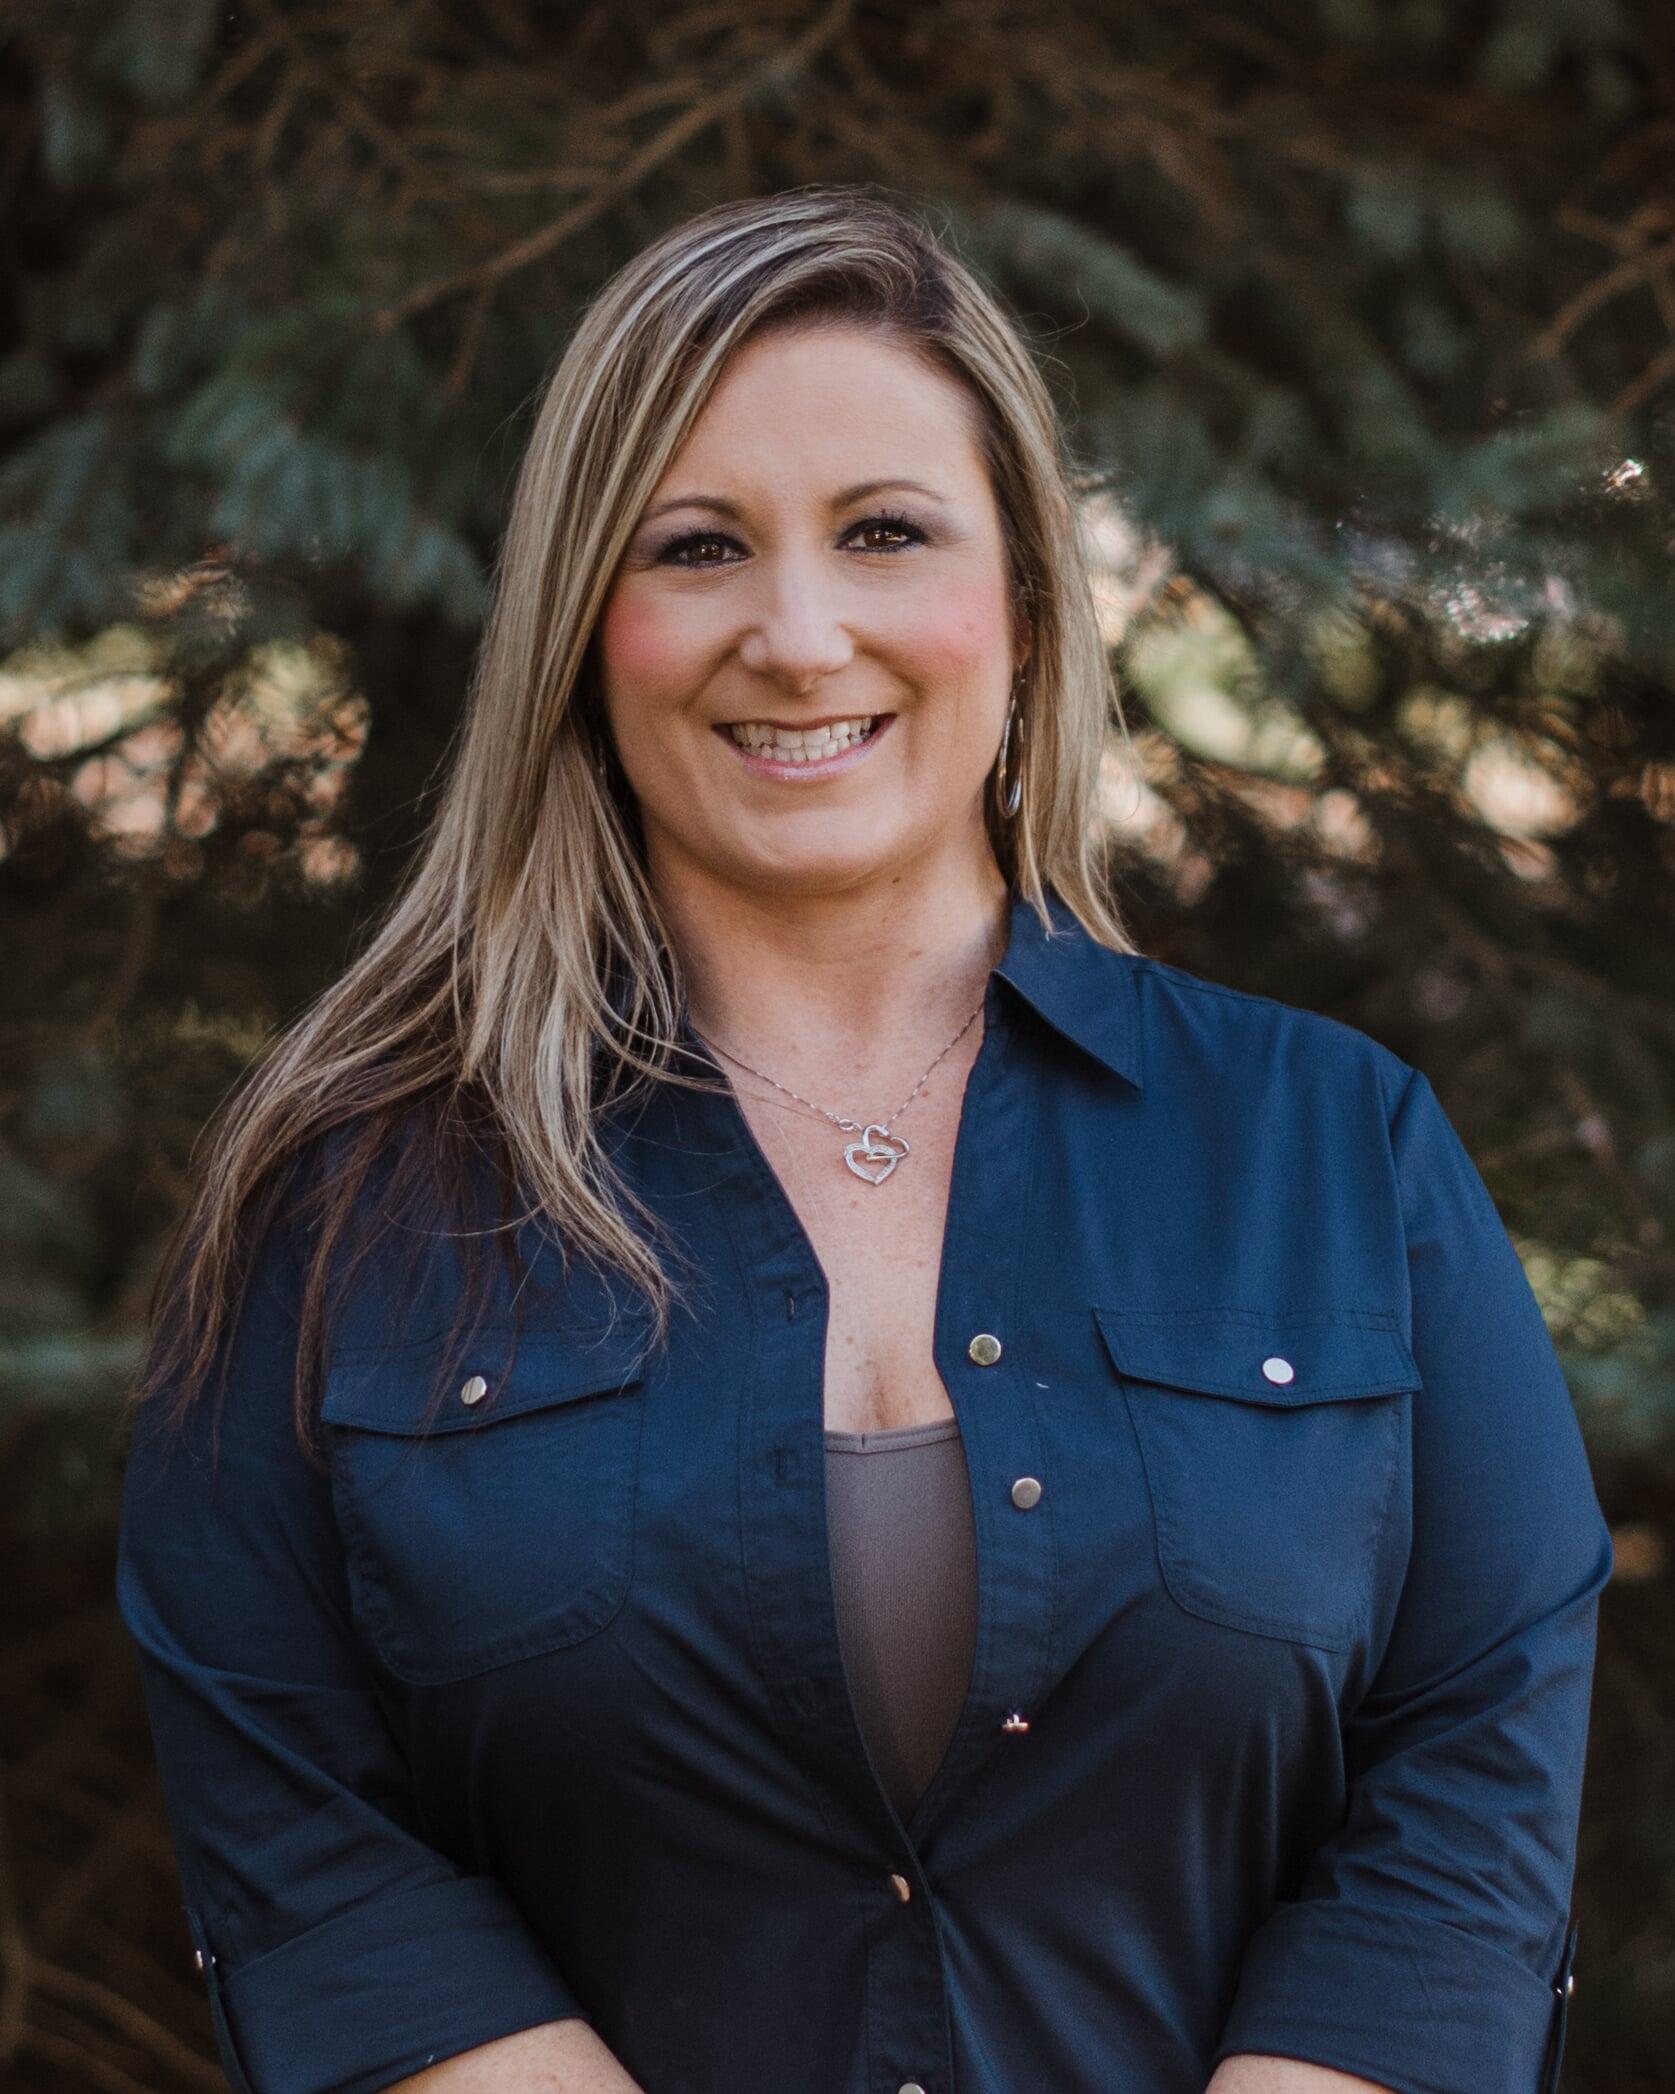 Residential Specialist in Glen Ellyn, IL - Hana Steinke - Desitter Flooring